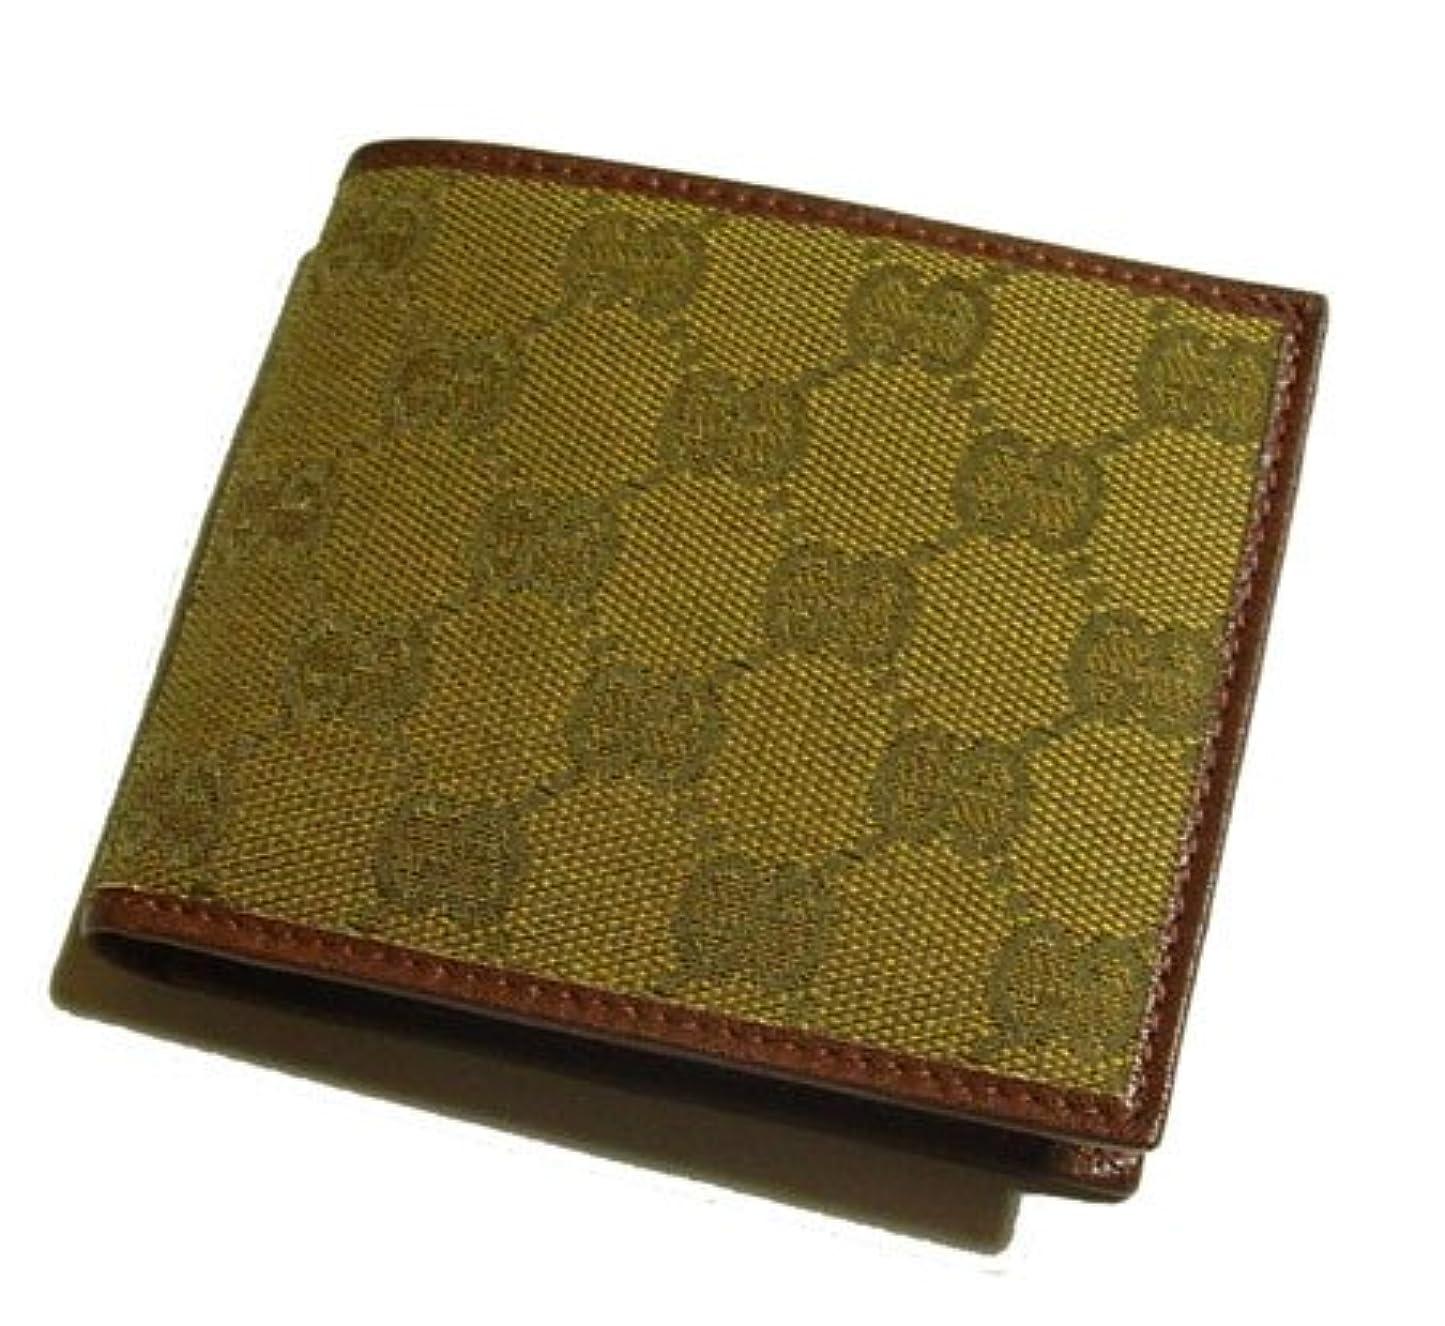 ティーンエイジャーベールスイングGUCCI/グッチ GGキャンバス 二つ折りメンズ財布(小銭入れなし) 231847-7778